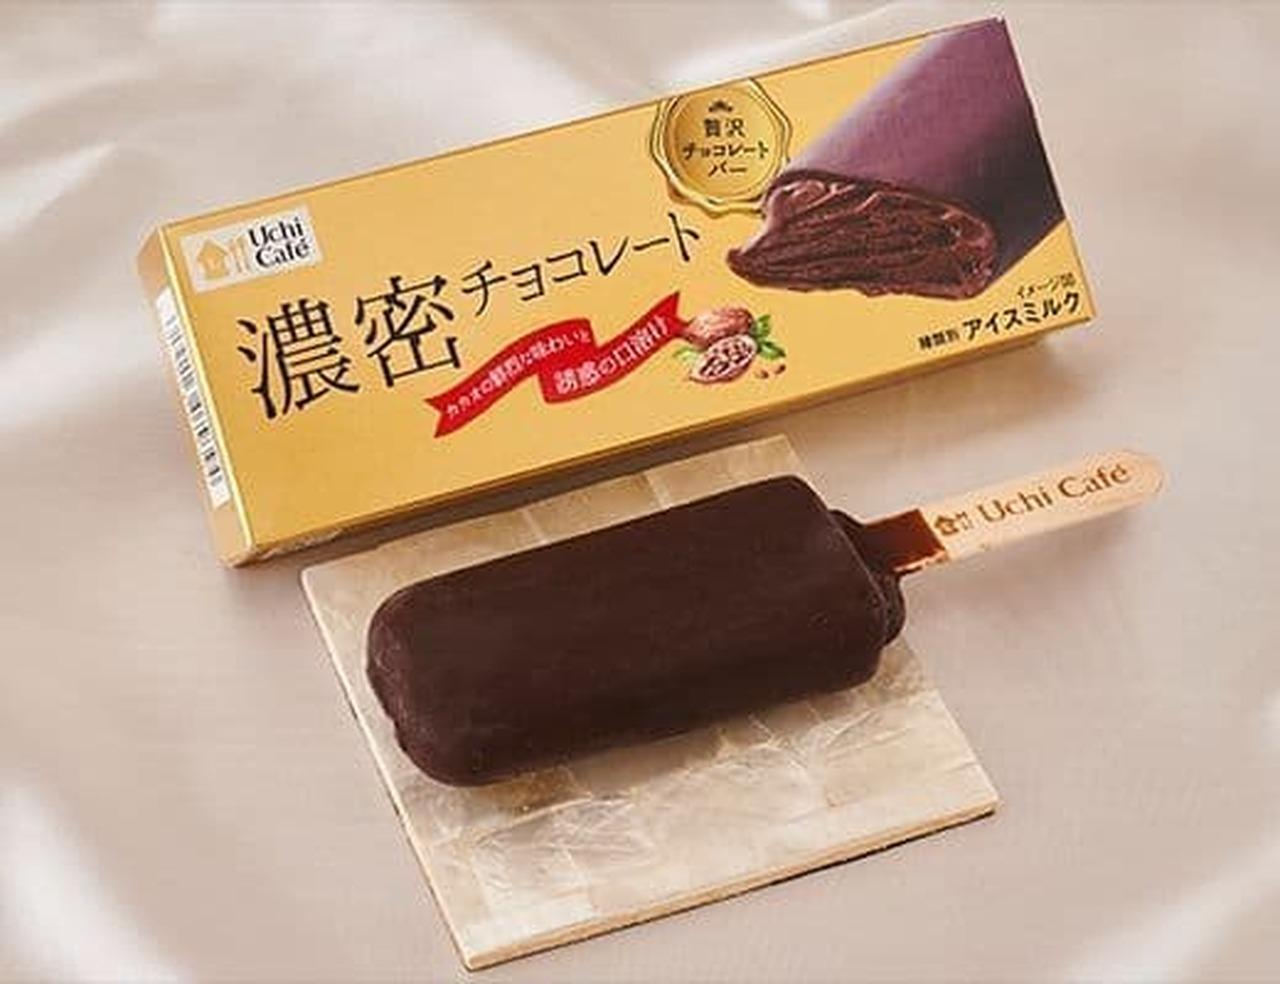 ローソン「ウチカフェ 贅沢チョコバー 濃密チョコレート 70ml」